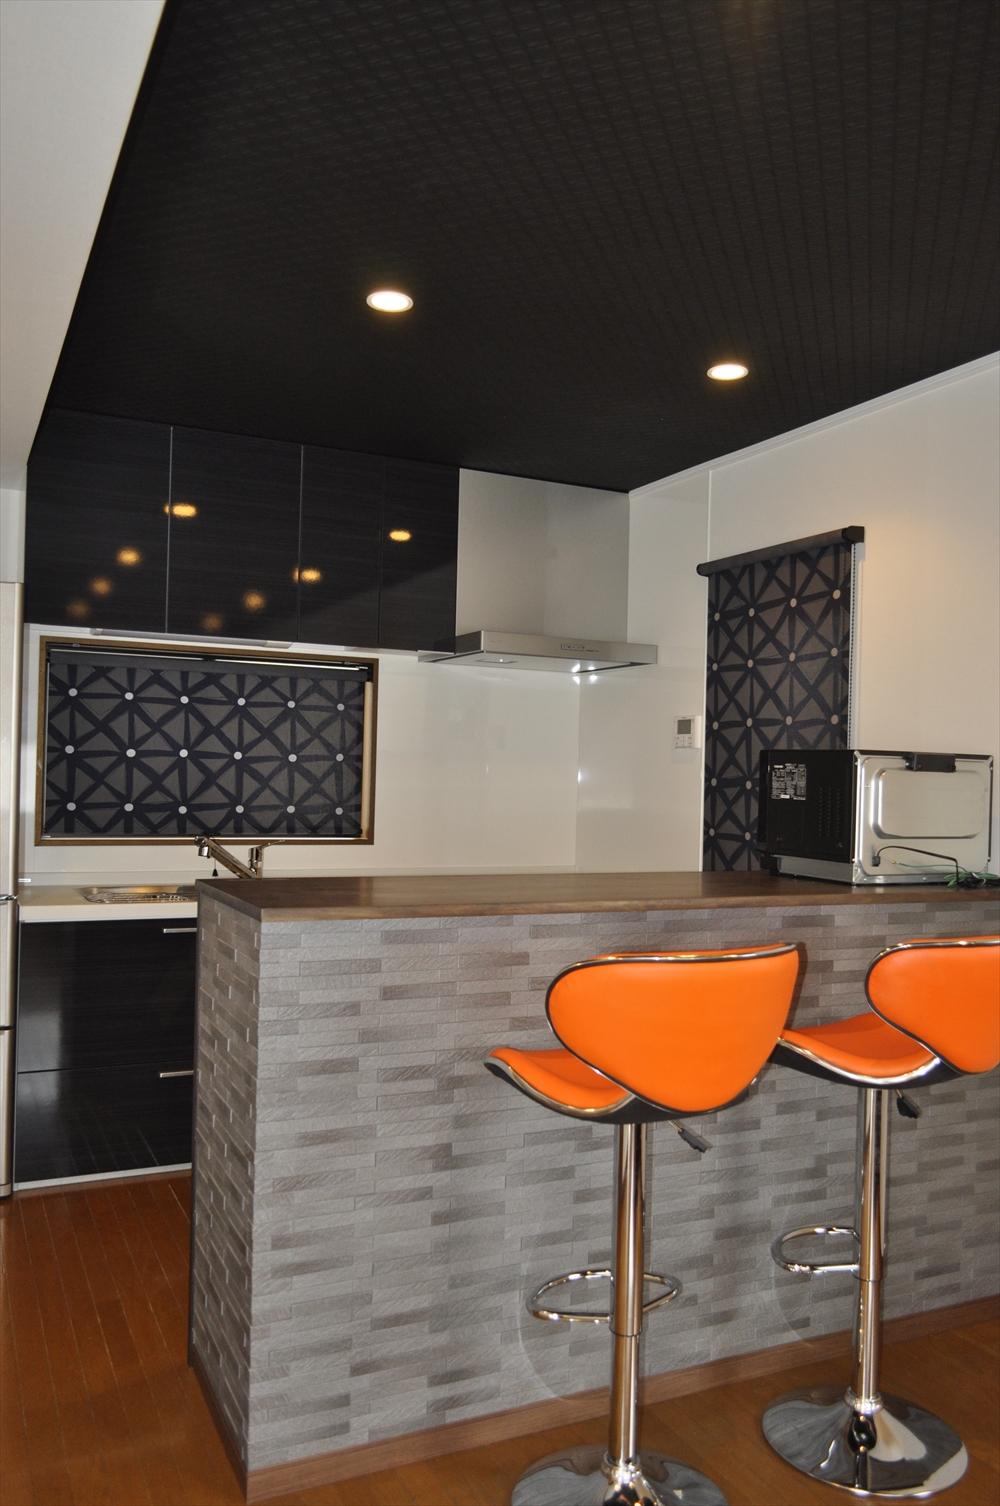 ブラック×シルバーグレーのモダンなキッチン オレンジのチェア 匠工房